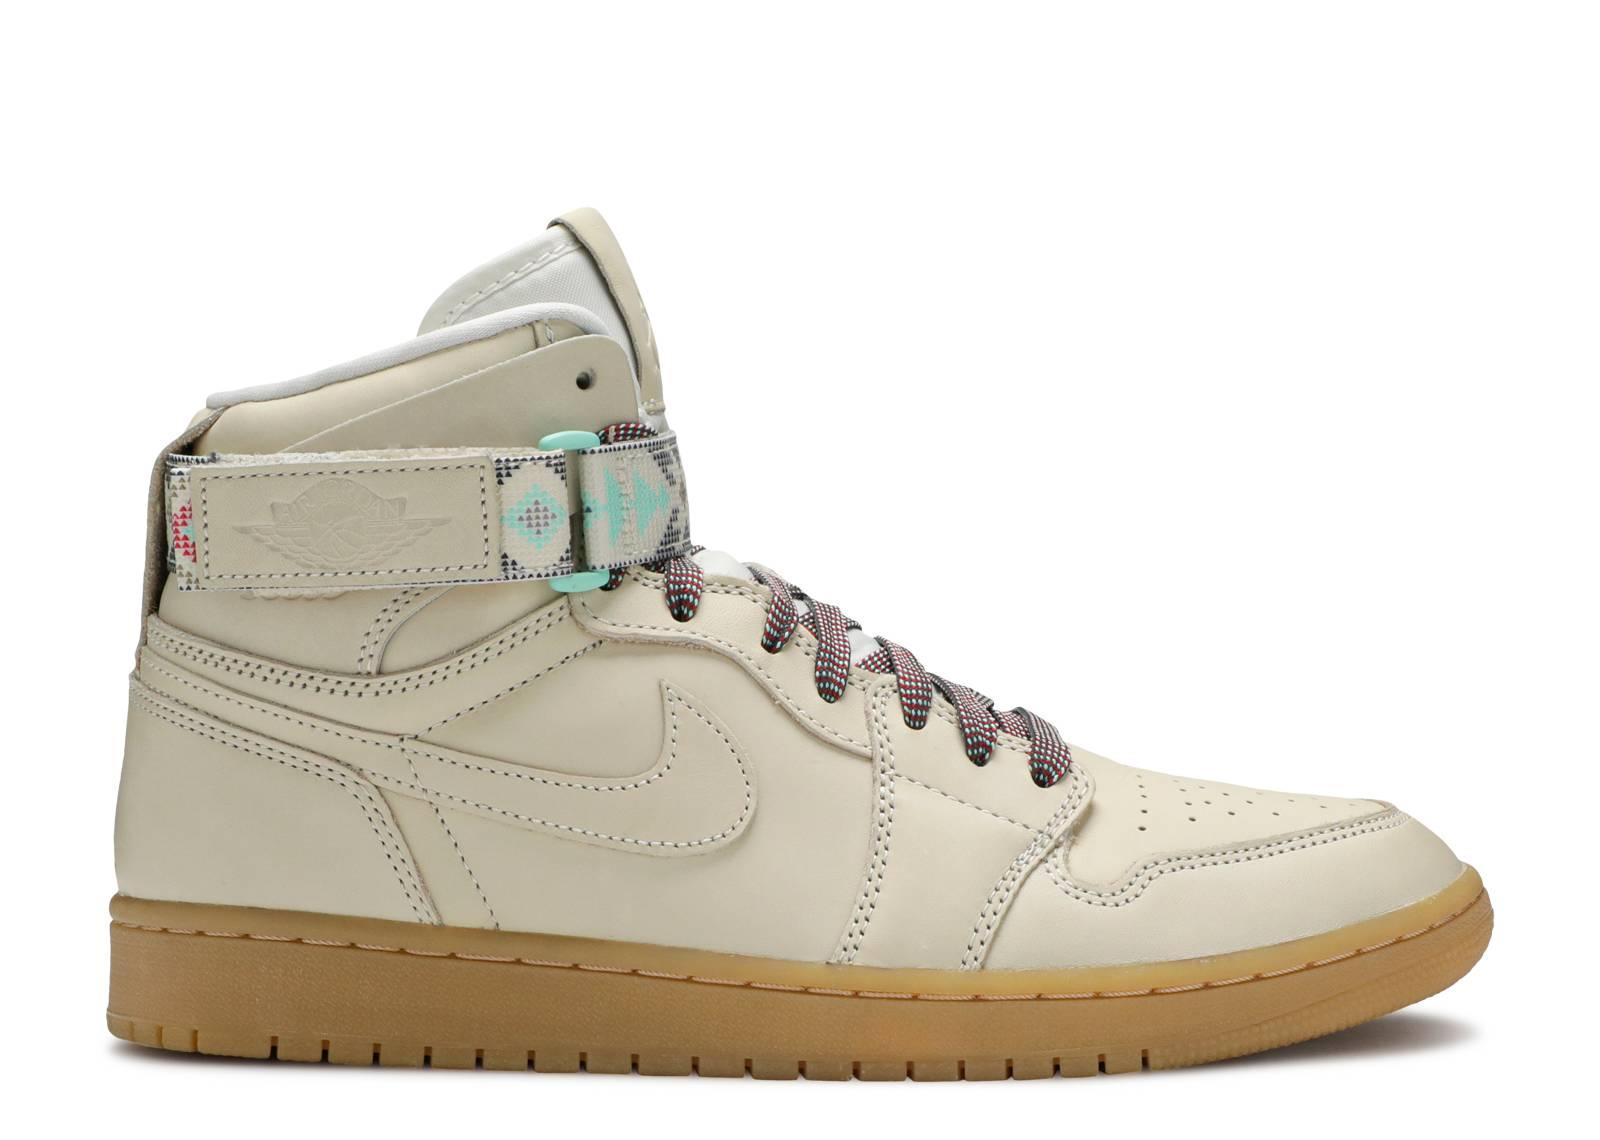 69cf6a233c1 Air Jordan 1 Retro Hi Strap